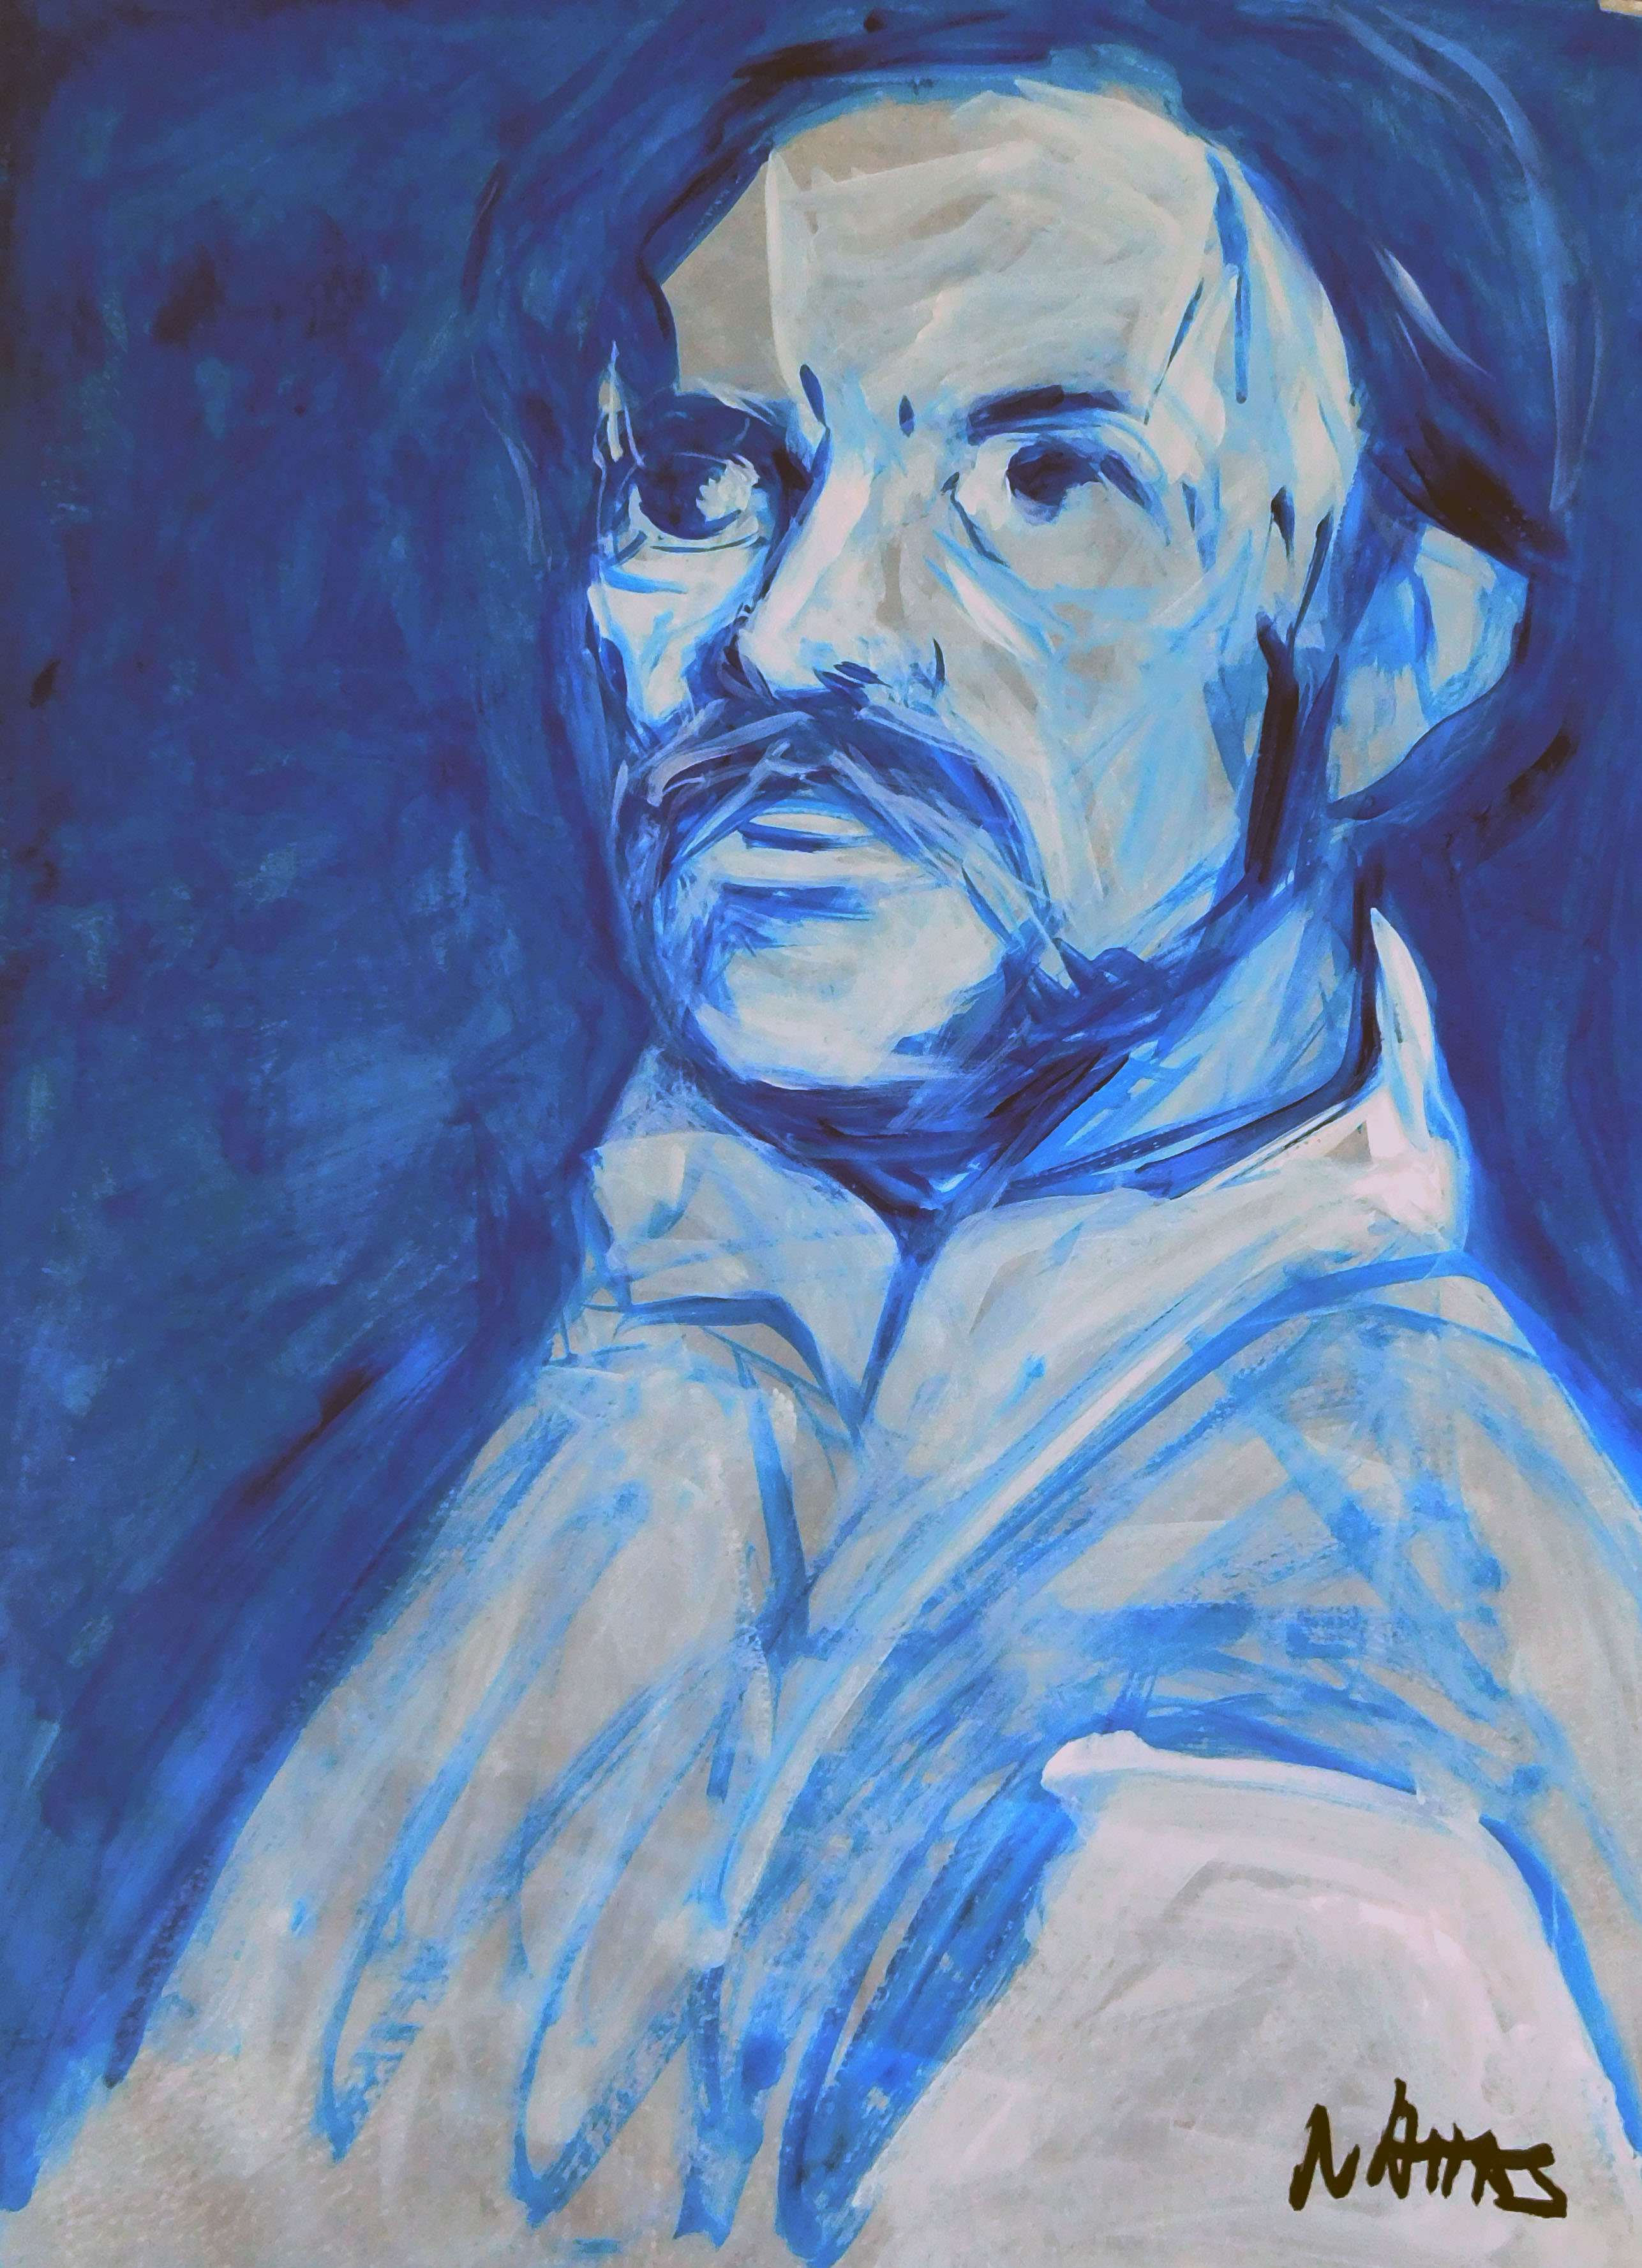 Une peinture de l'artiste Jean Marc Nahas